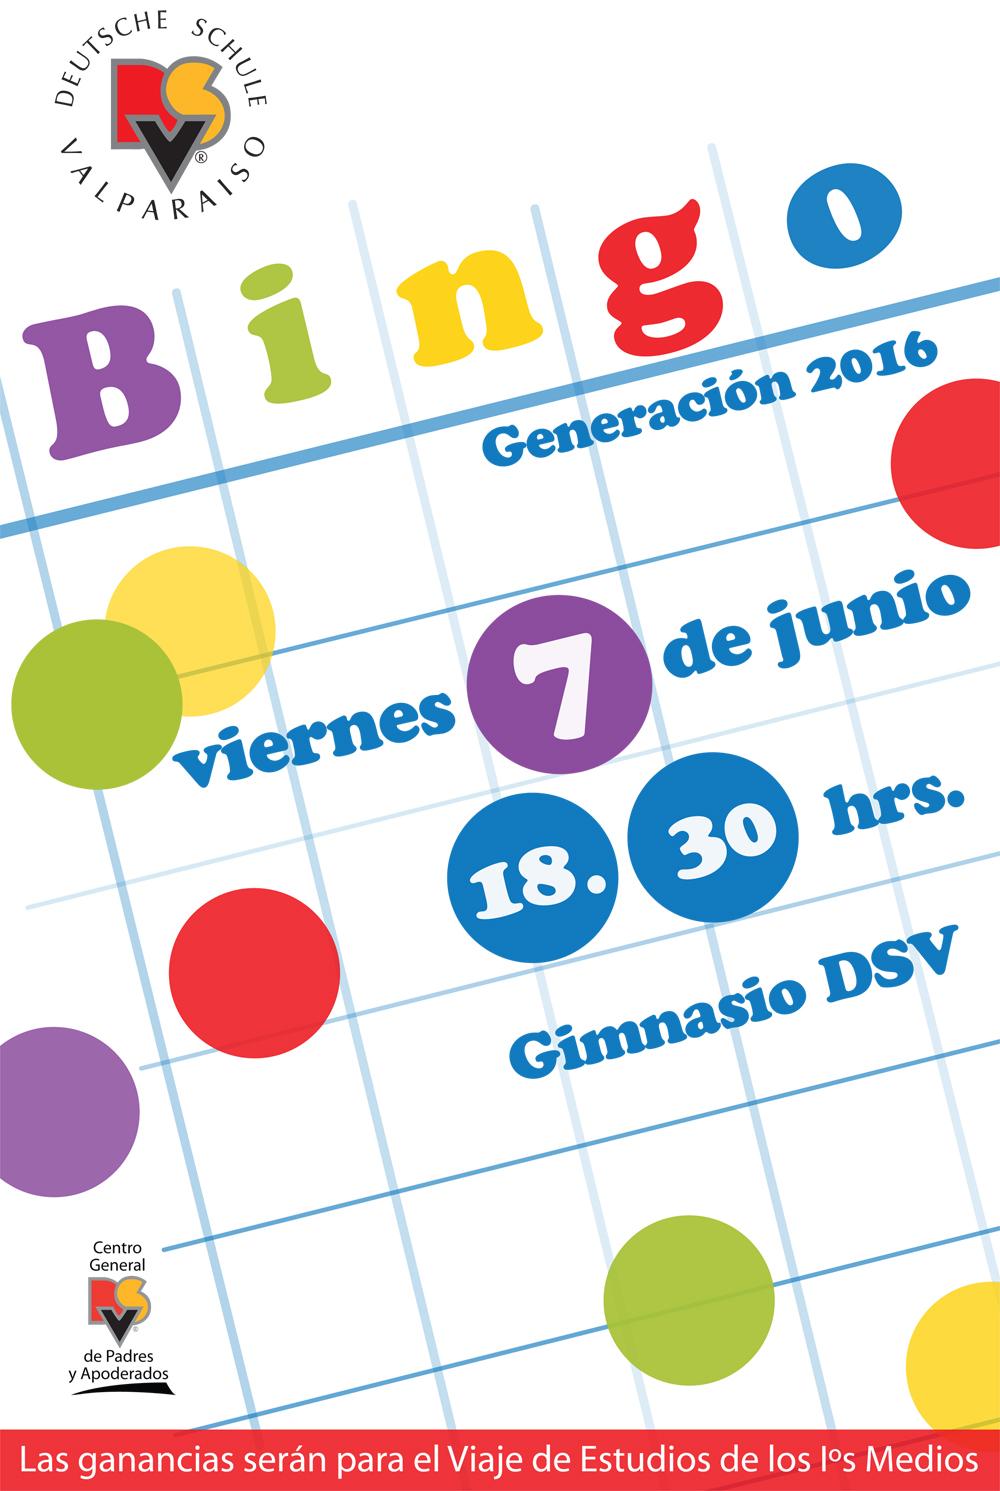 CGPA DSV: Comunidad DSV Participando con Todo: ¡Bingo, Mitfaharen y ...